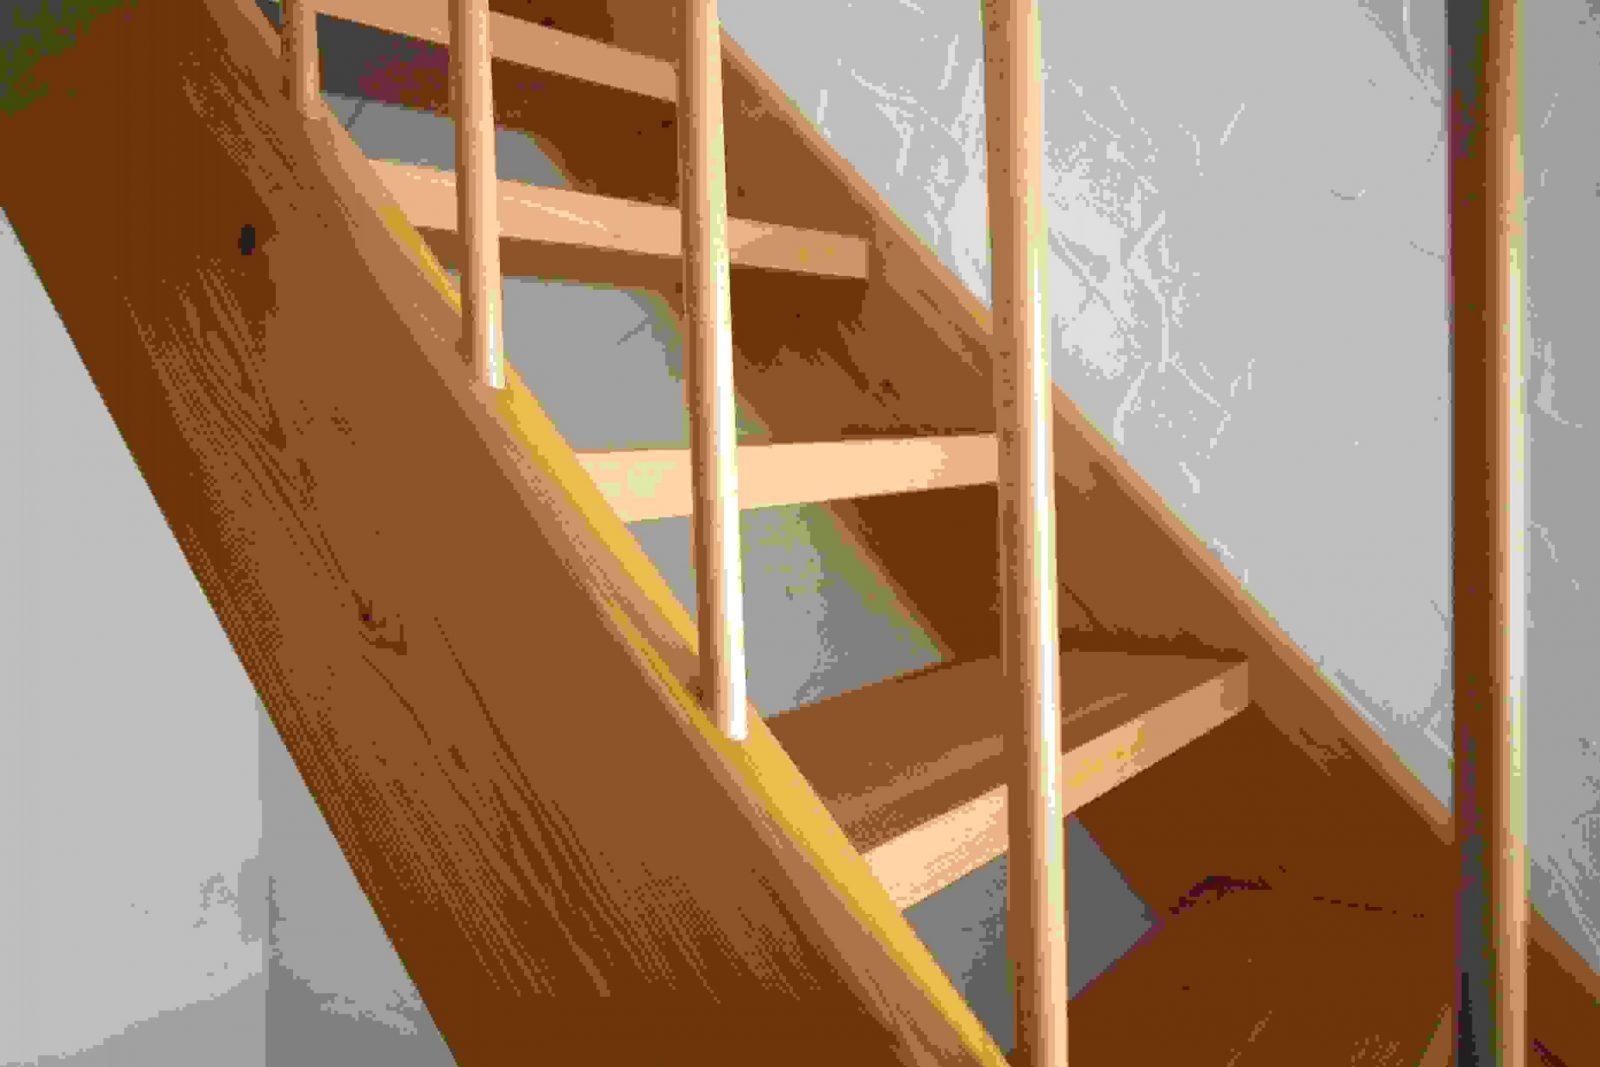 Balkon Treppe Selber Bauen Schema Von Pertura Treppen von Holztreppe Selber Bauen Anleitung Bild